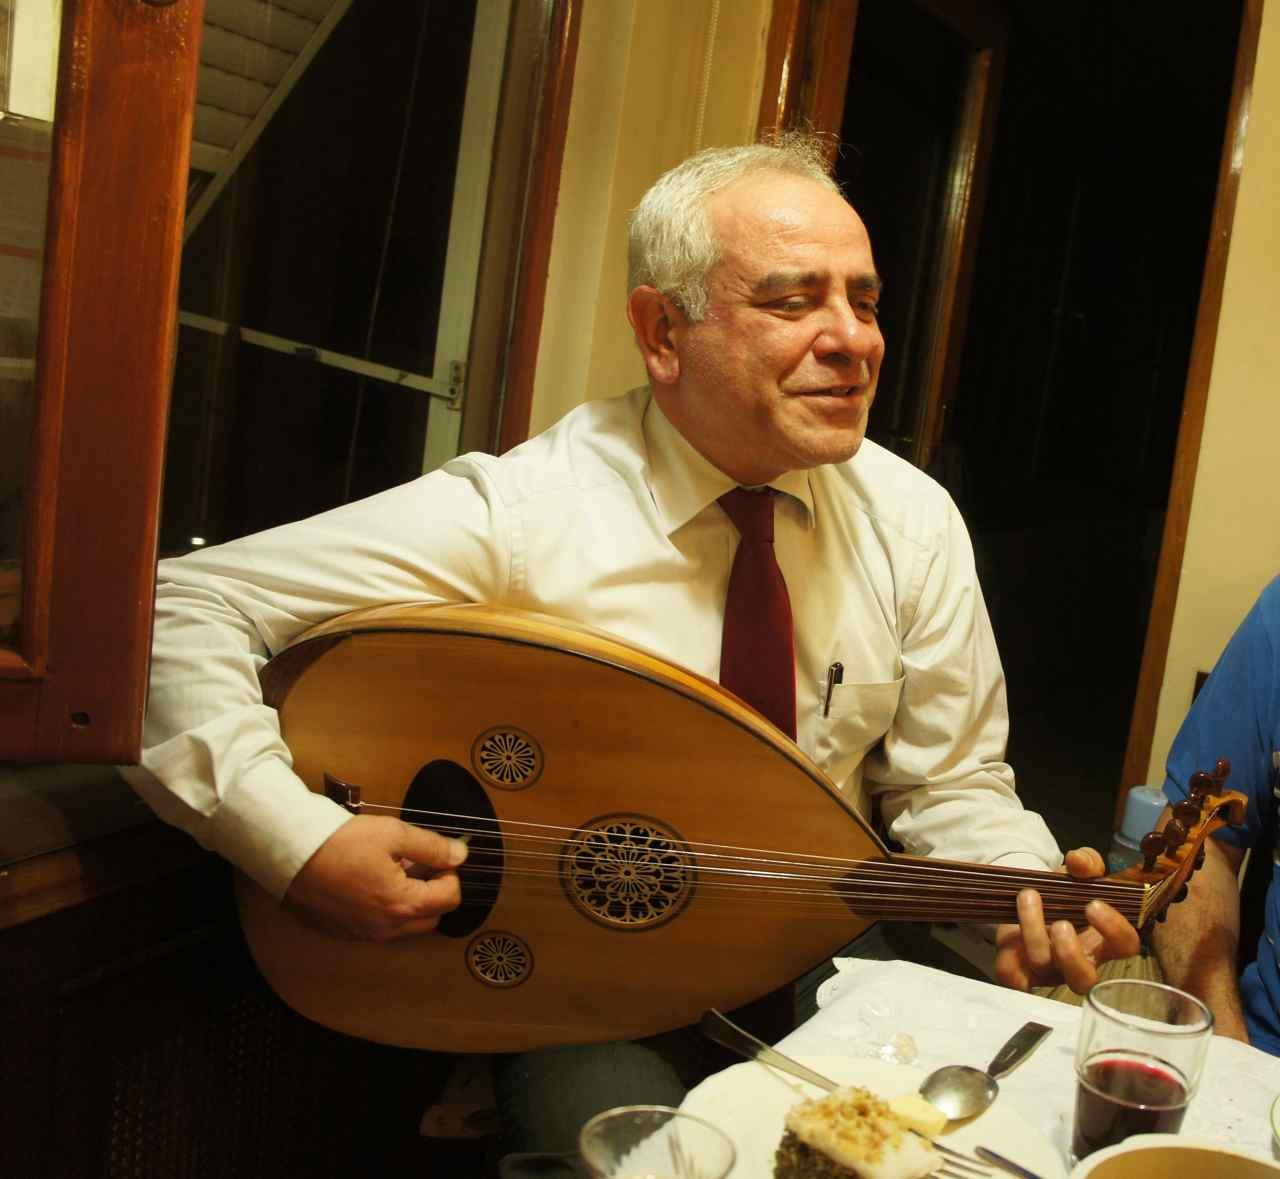 เลเวนท์กับเครื่องดนตรีของเขา